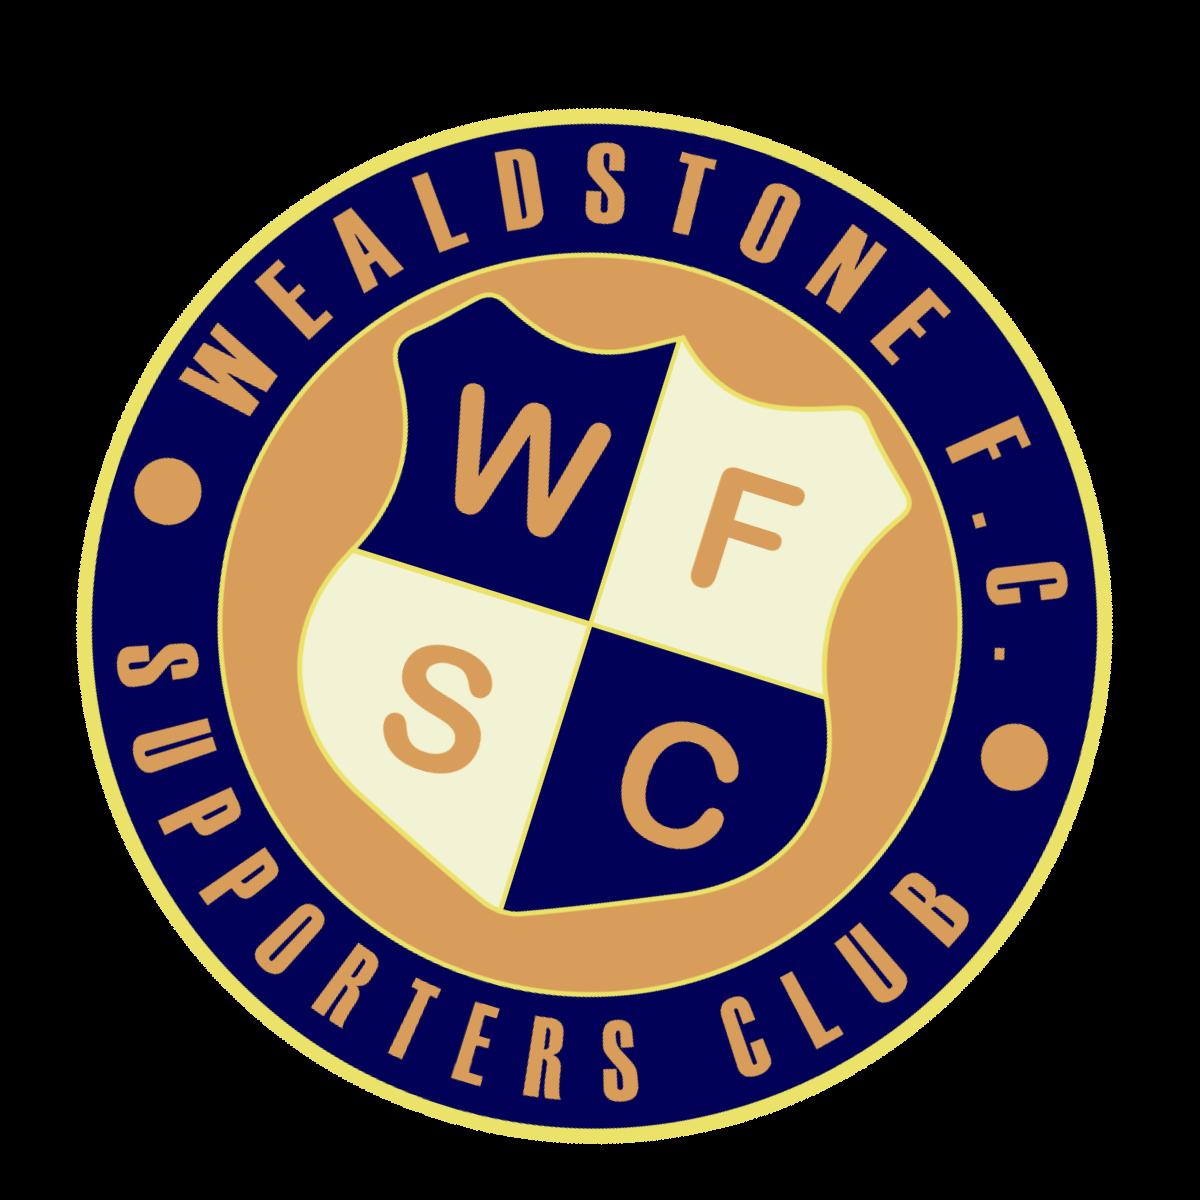 WFCSC